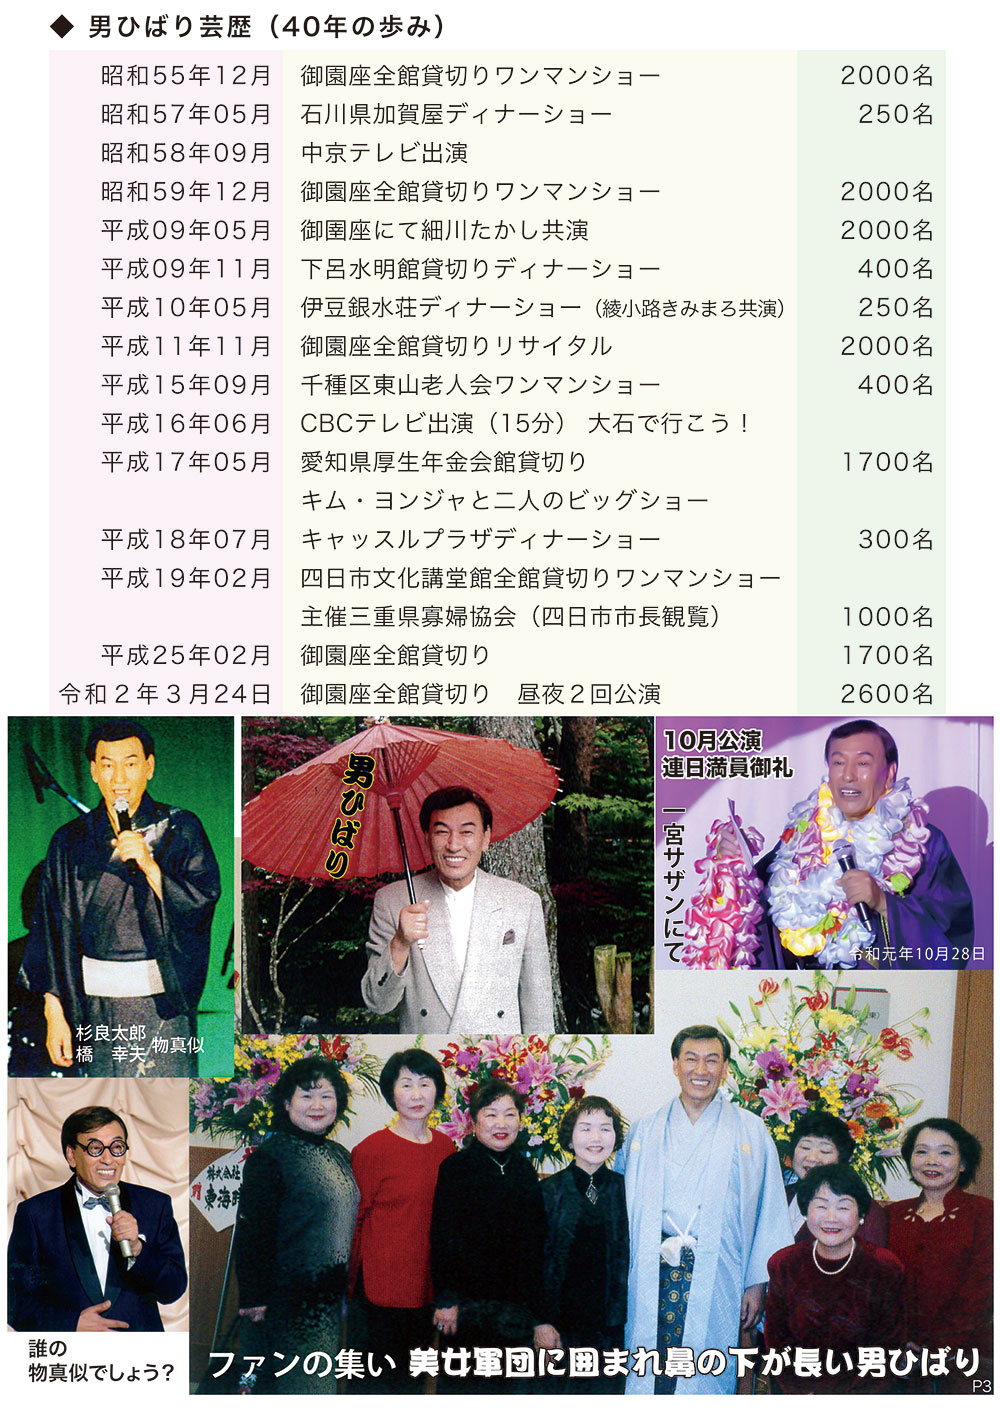 男ひばり芸歴 40年の歩み